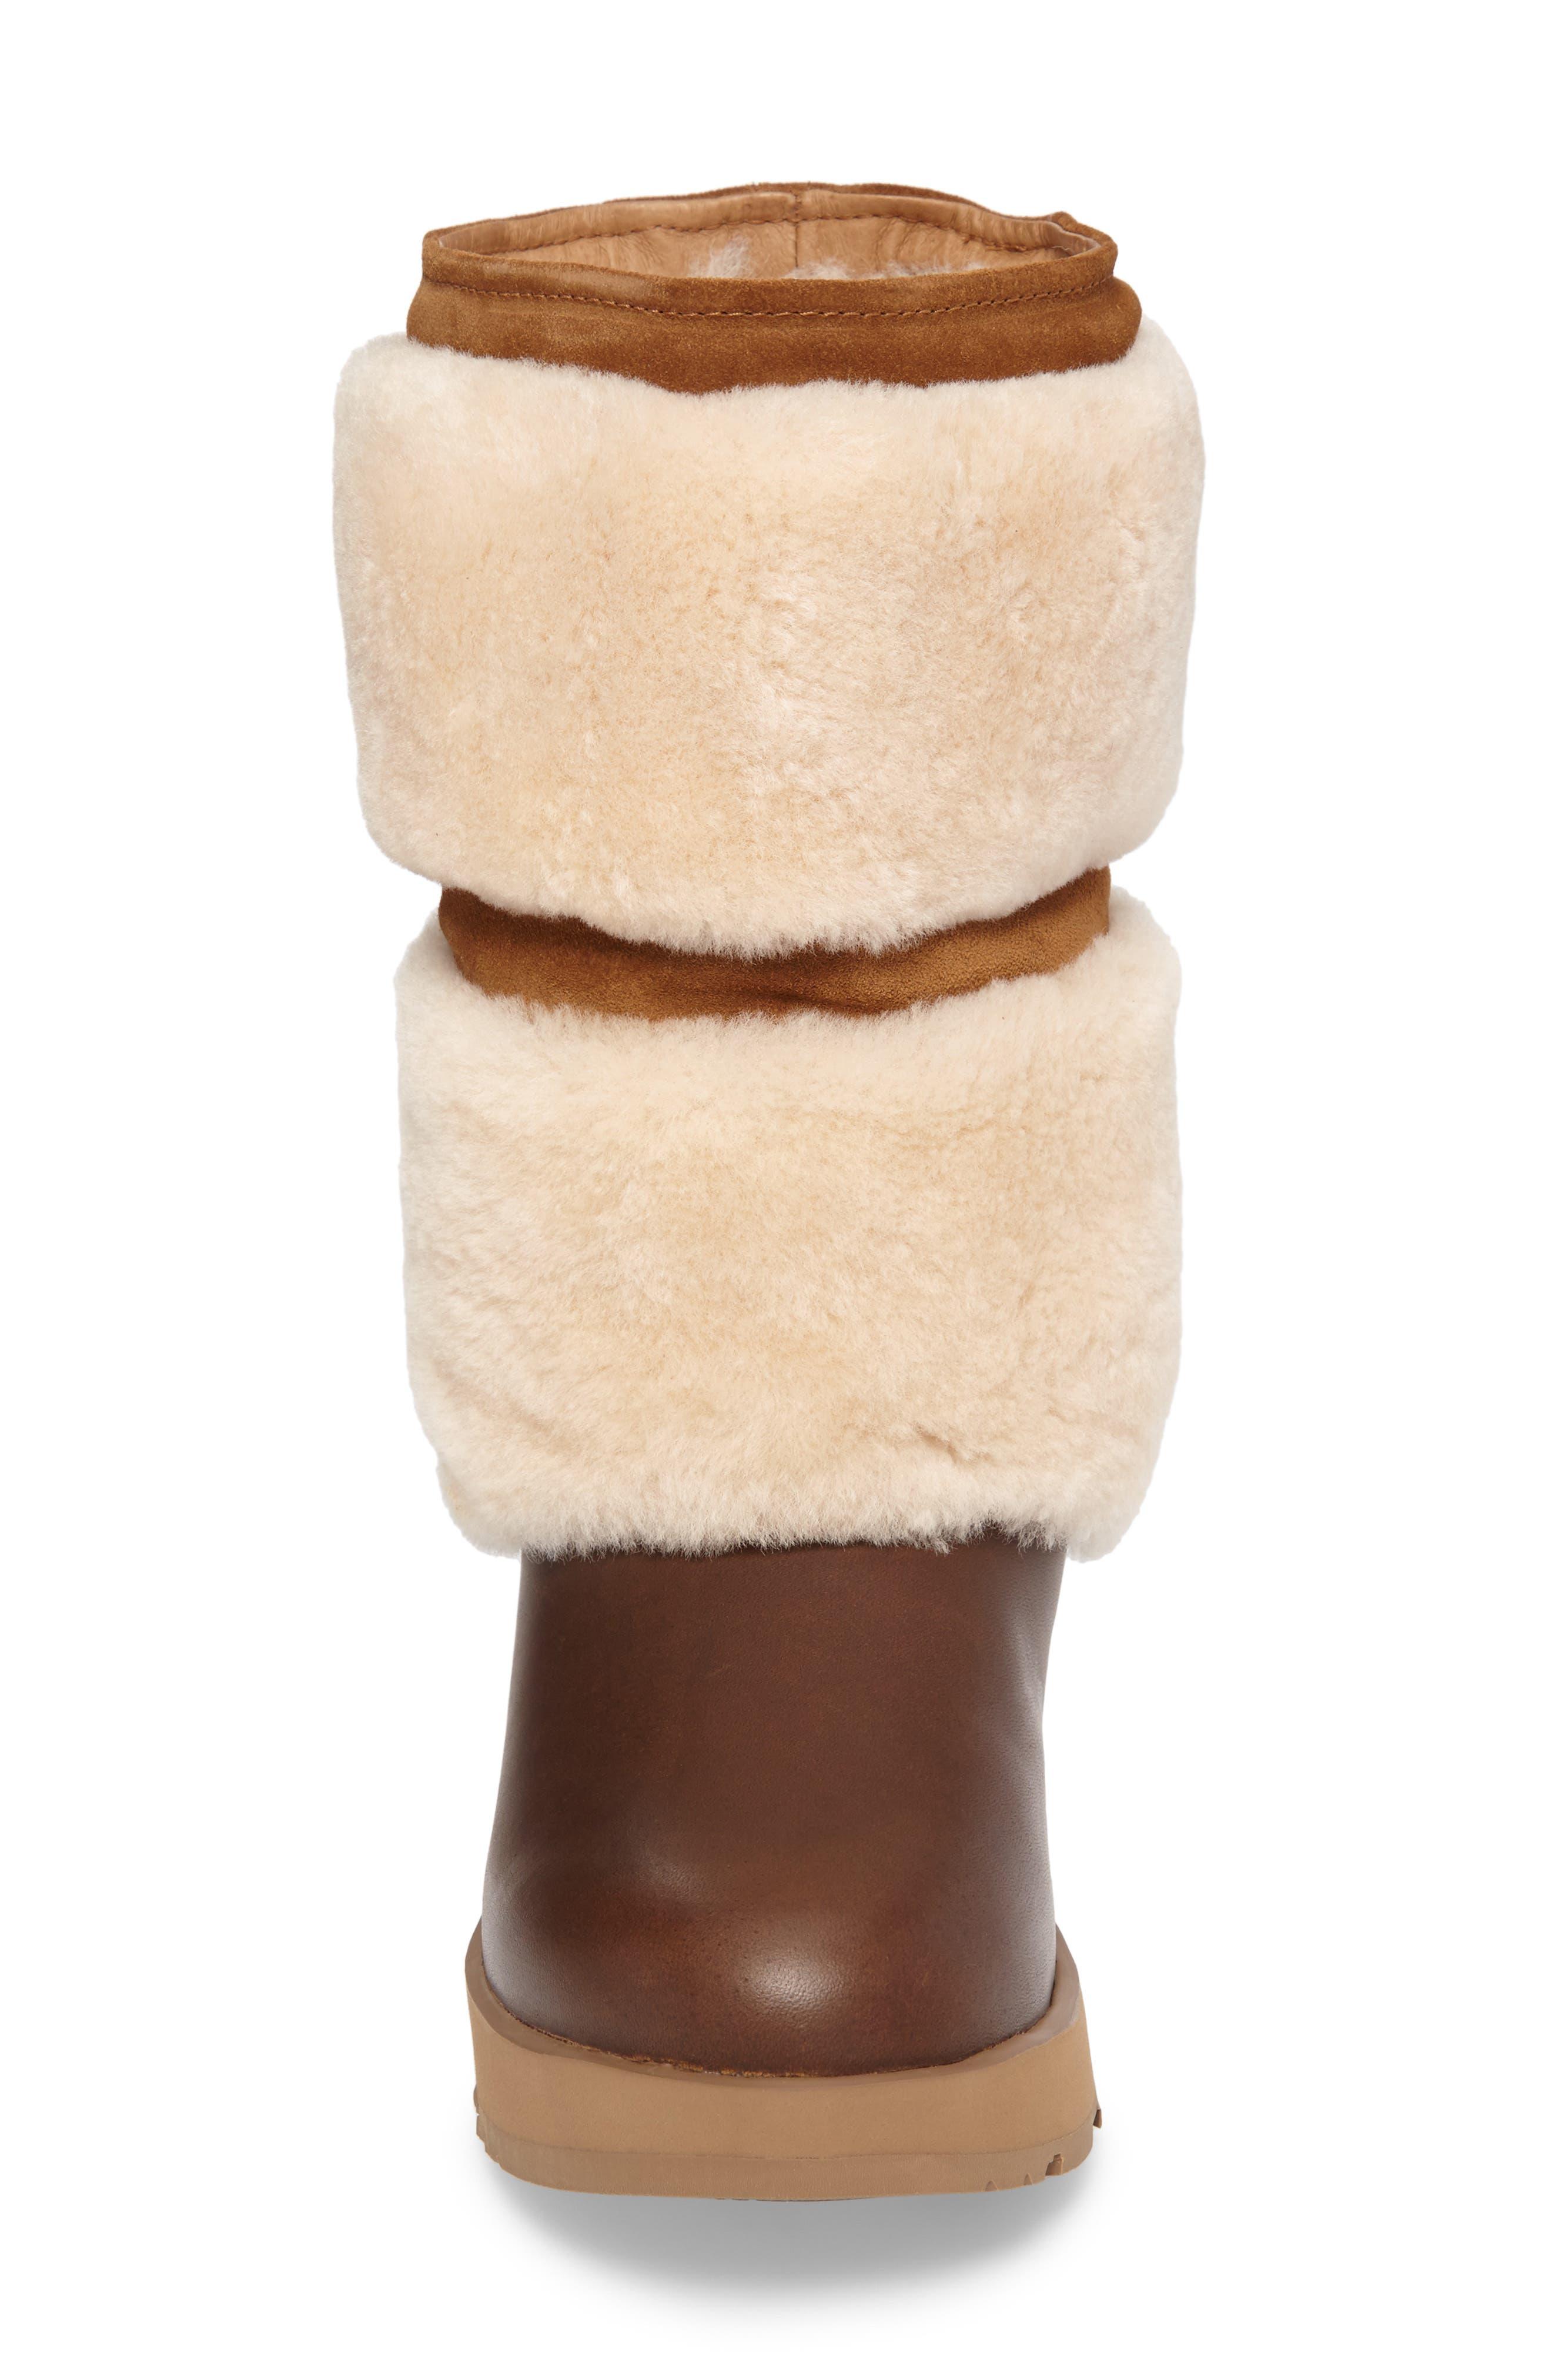 Reykir Waterproof Snow Boot,                             Alternate thumbnail 12, color,